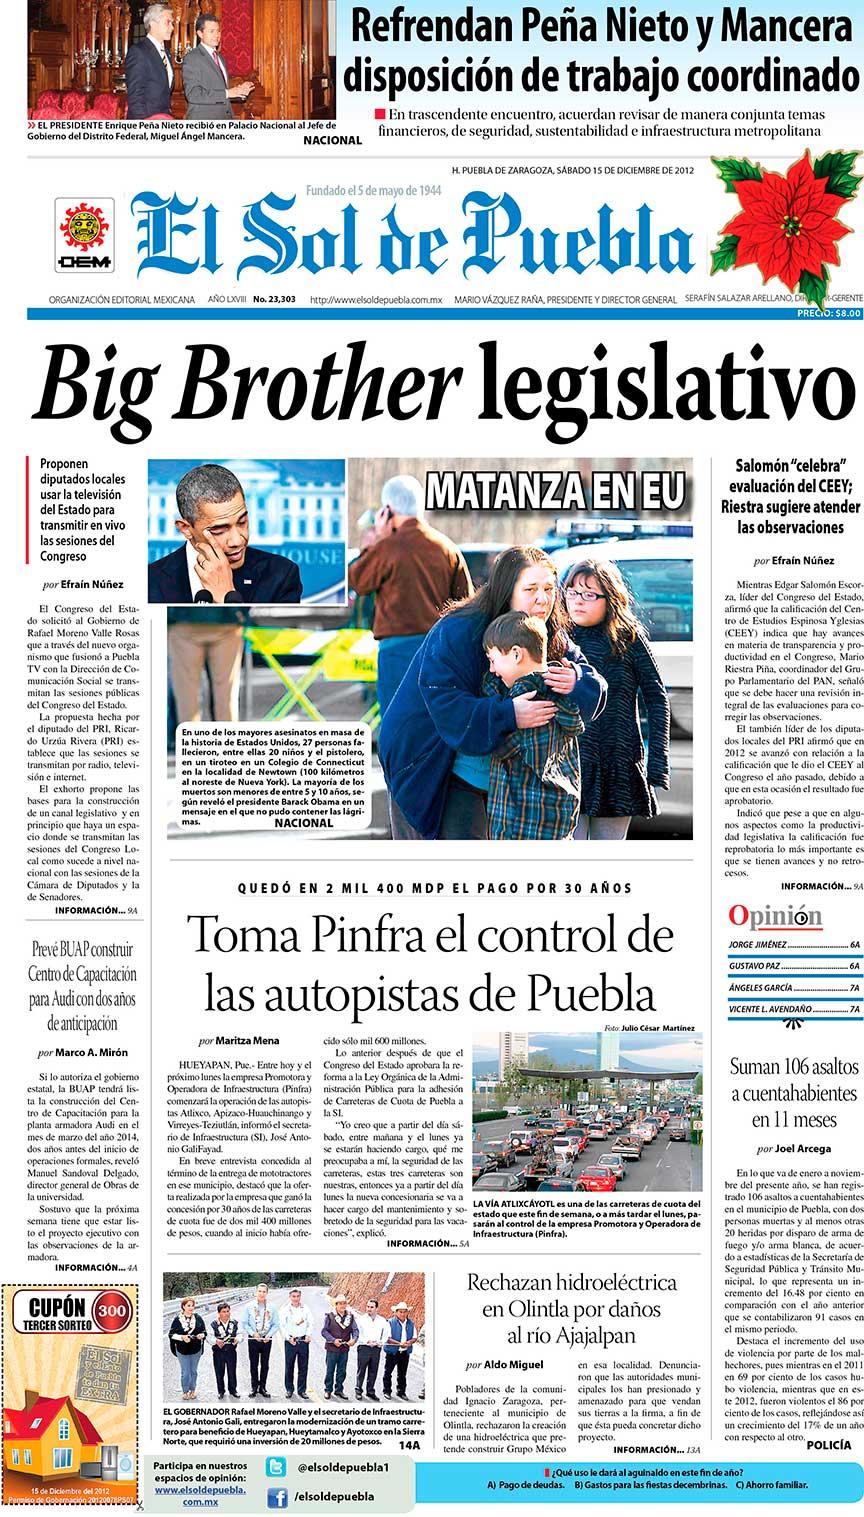 Sicla 09 diciembre 2012 for Exposicion 4 milenio horario